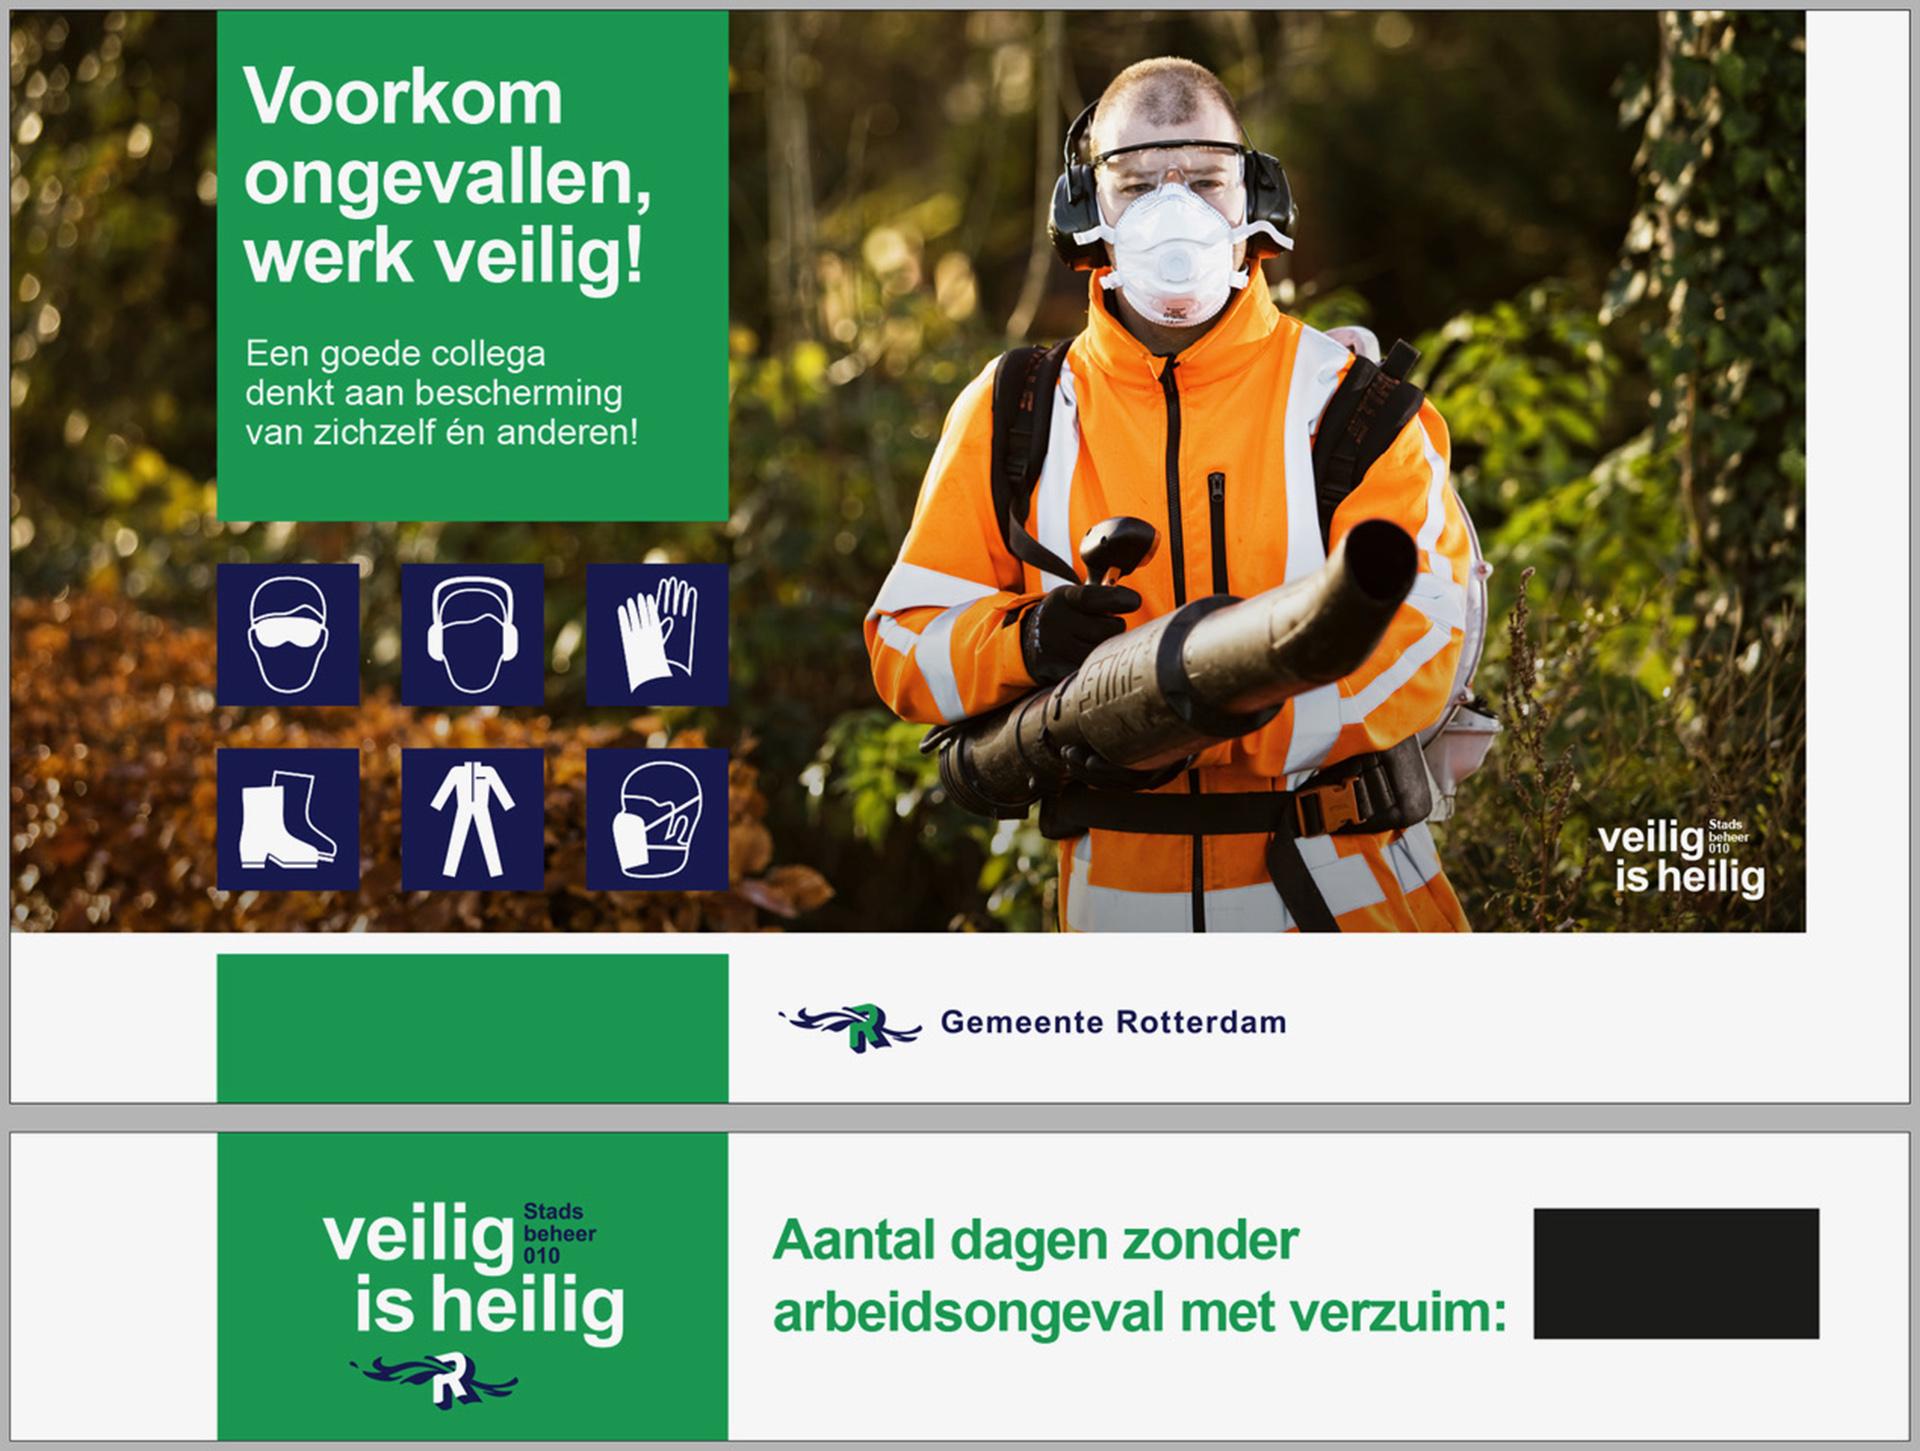 STADSBEHEER ROTTERDAM - Campagnemiddelen Veilig is Heilig - Doek en Bord - B.jpeg.jpg